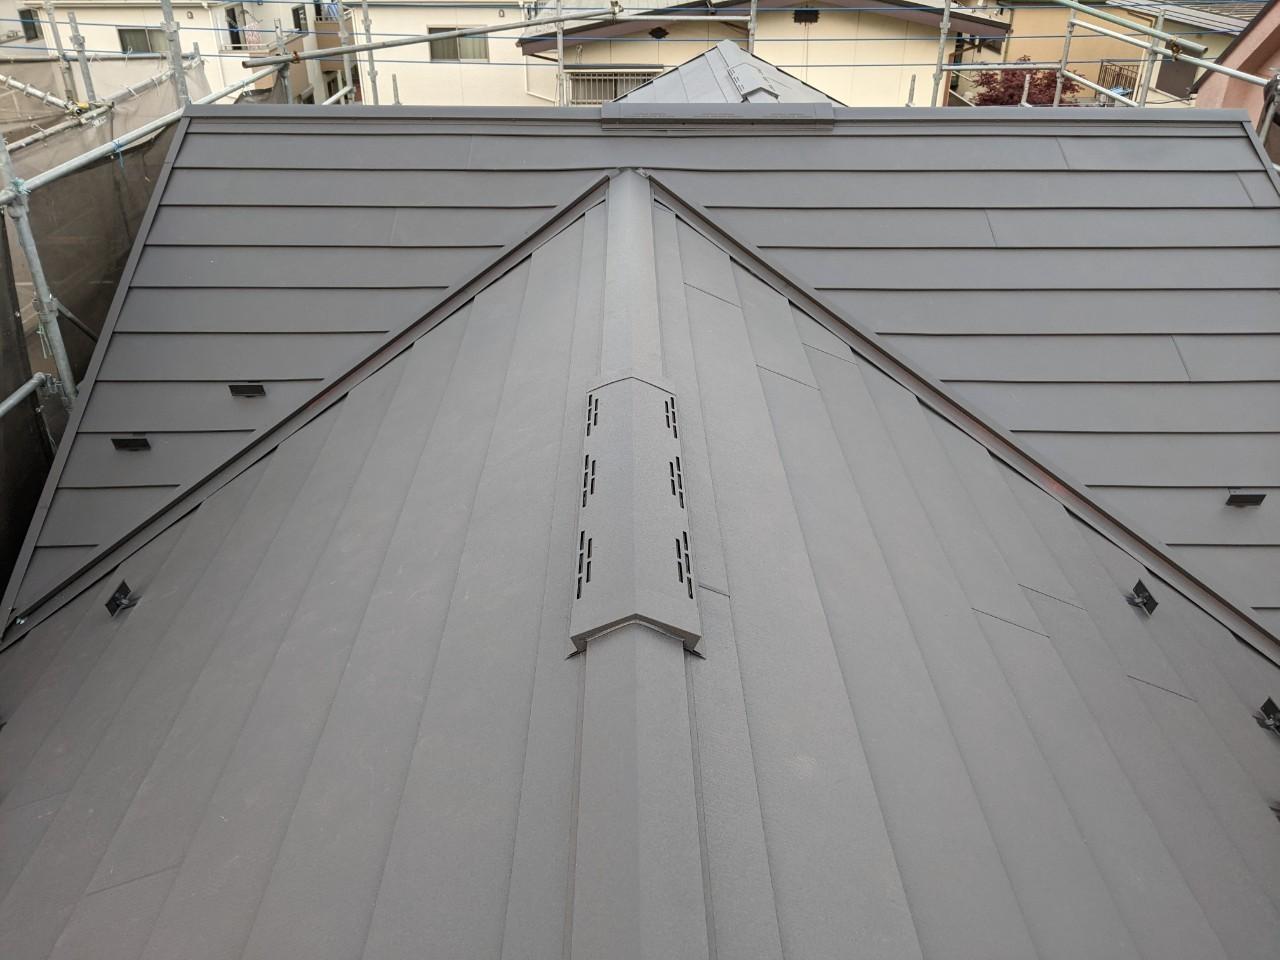 入間市 屋根工事 屋根葺き替え外張り断熱工法 K様邸 スーパーガルテクトシェイドチャコール